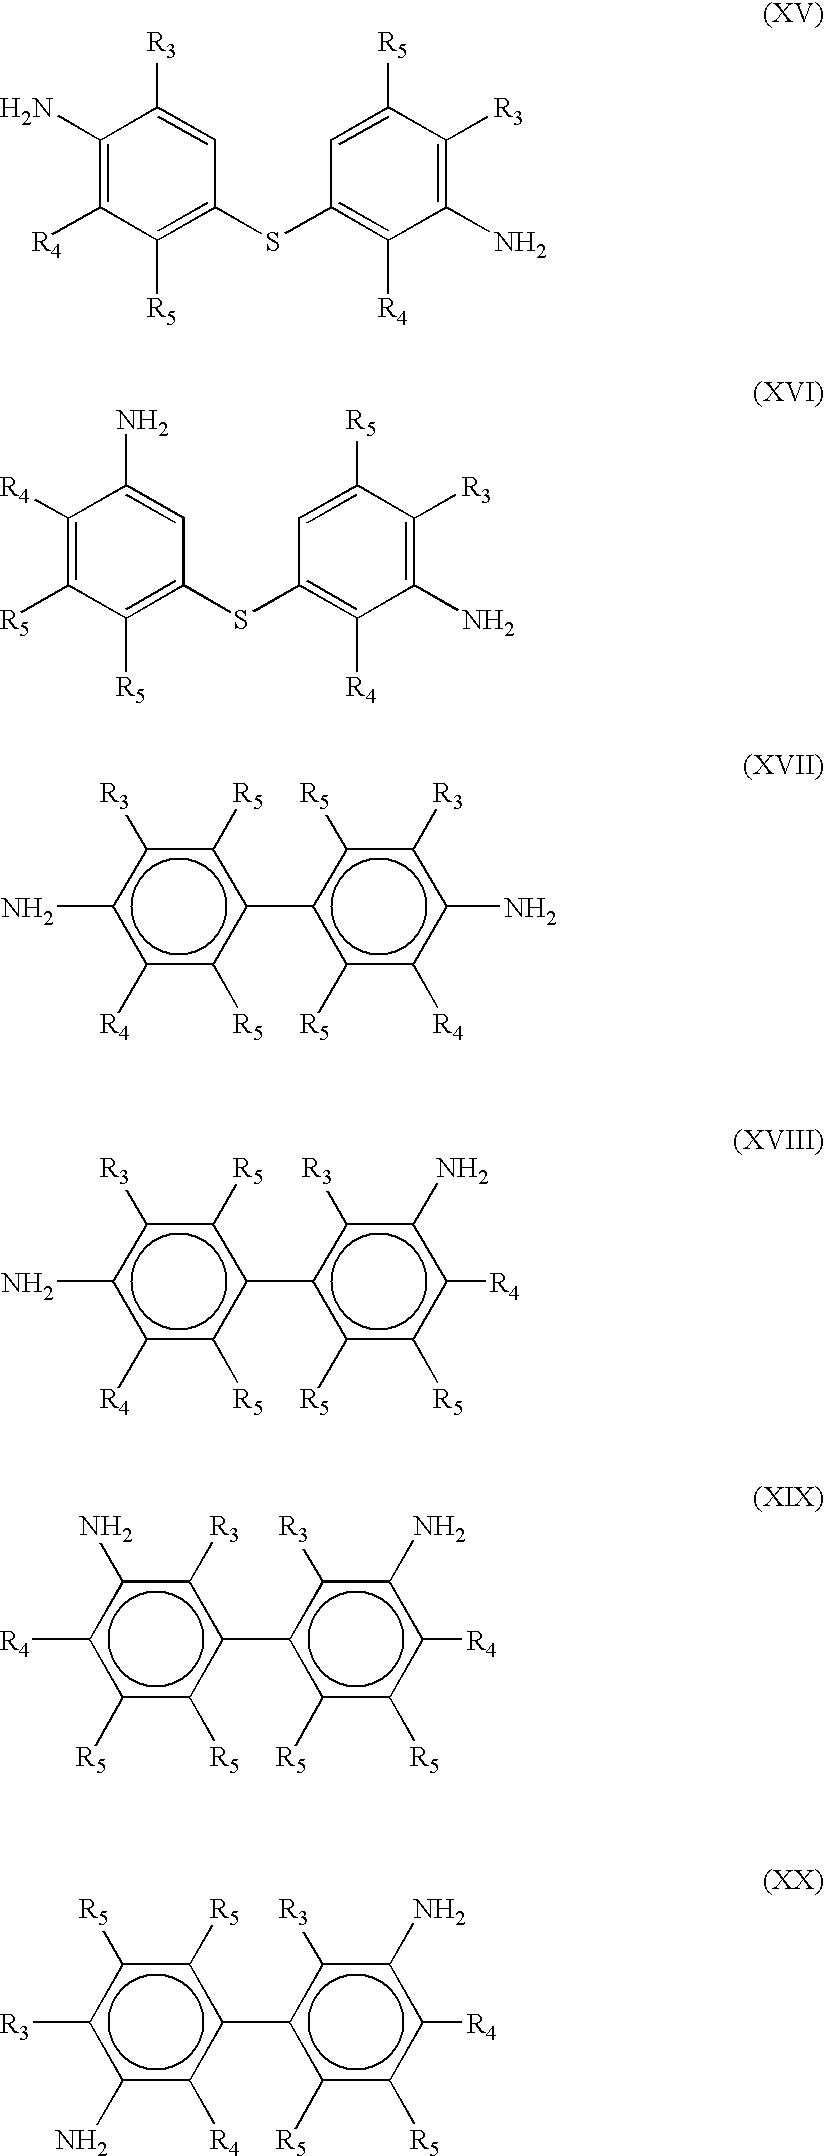 Figure US20060254706A1-20061116-C00005